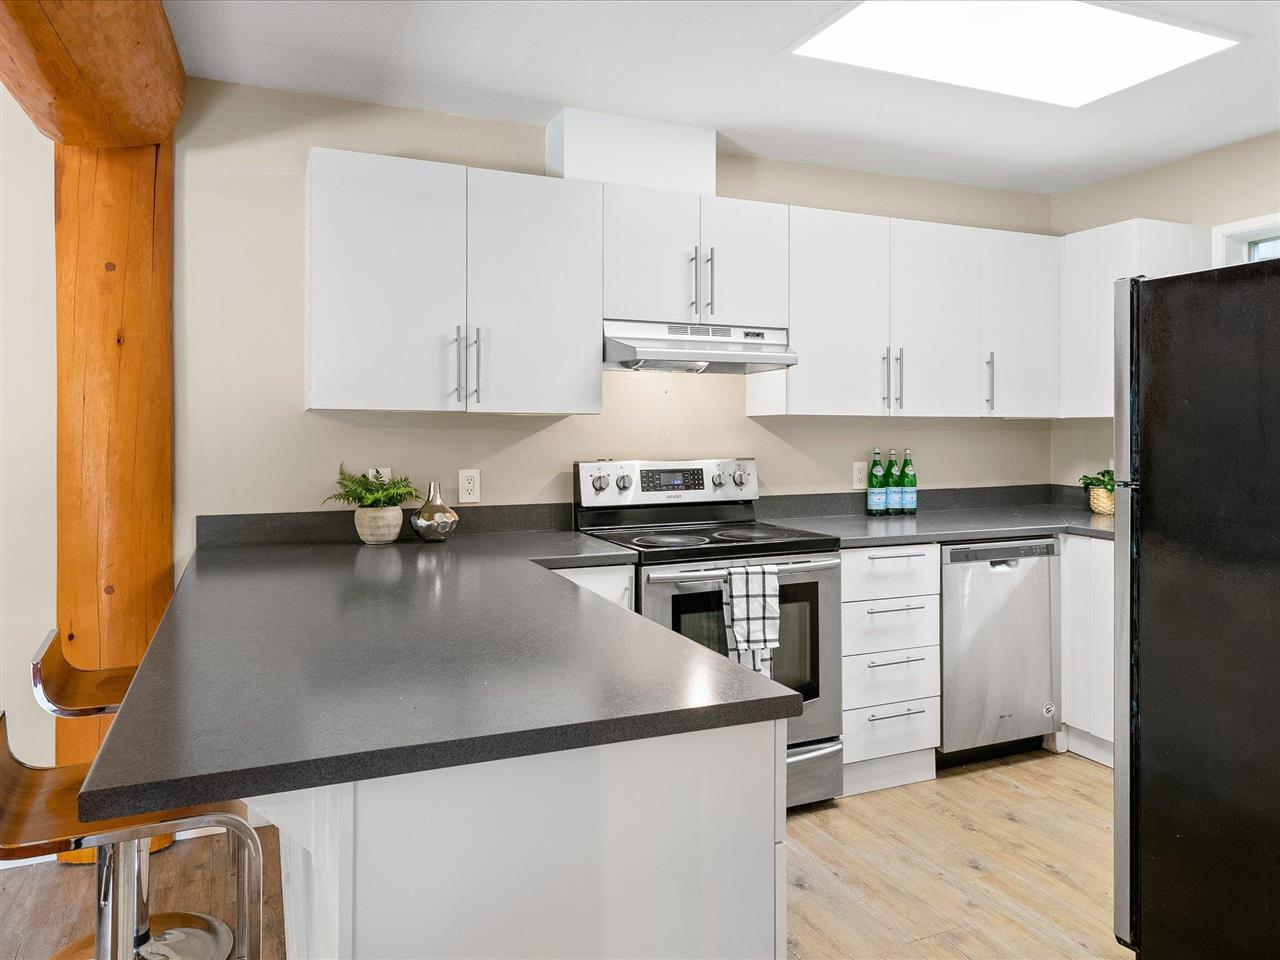 72 2222 BRANDYWINE WAY - Bayshores 1/2 Duplex for sale, 3 Bedrooms (R2591139) - #6